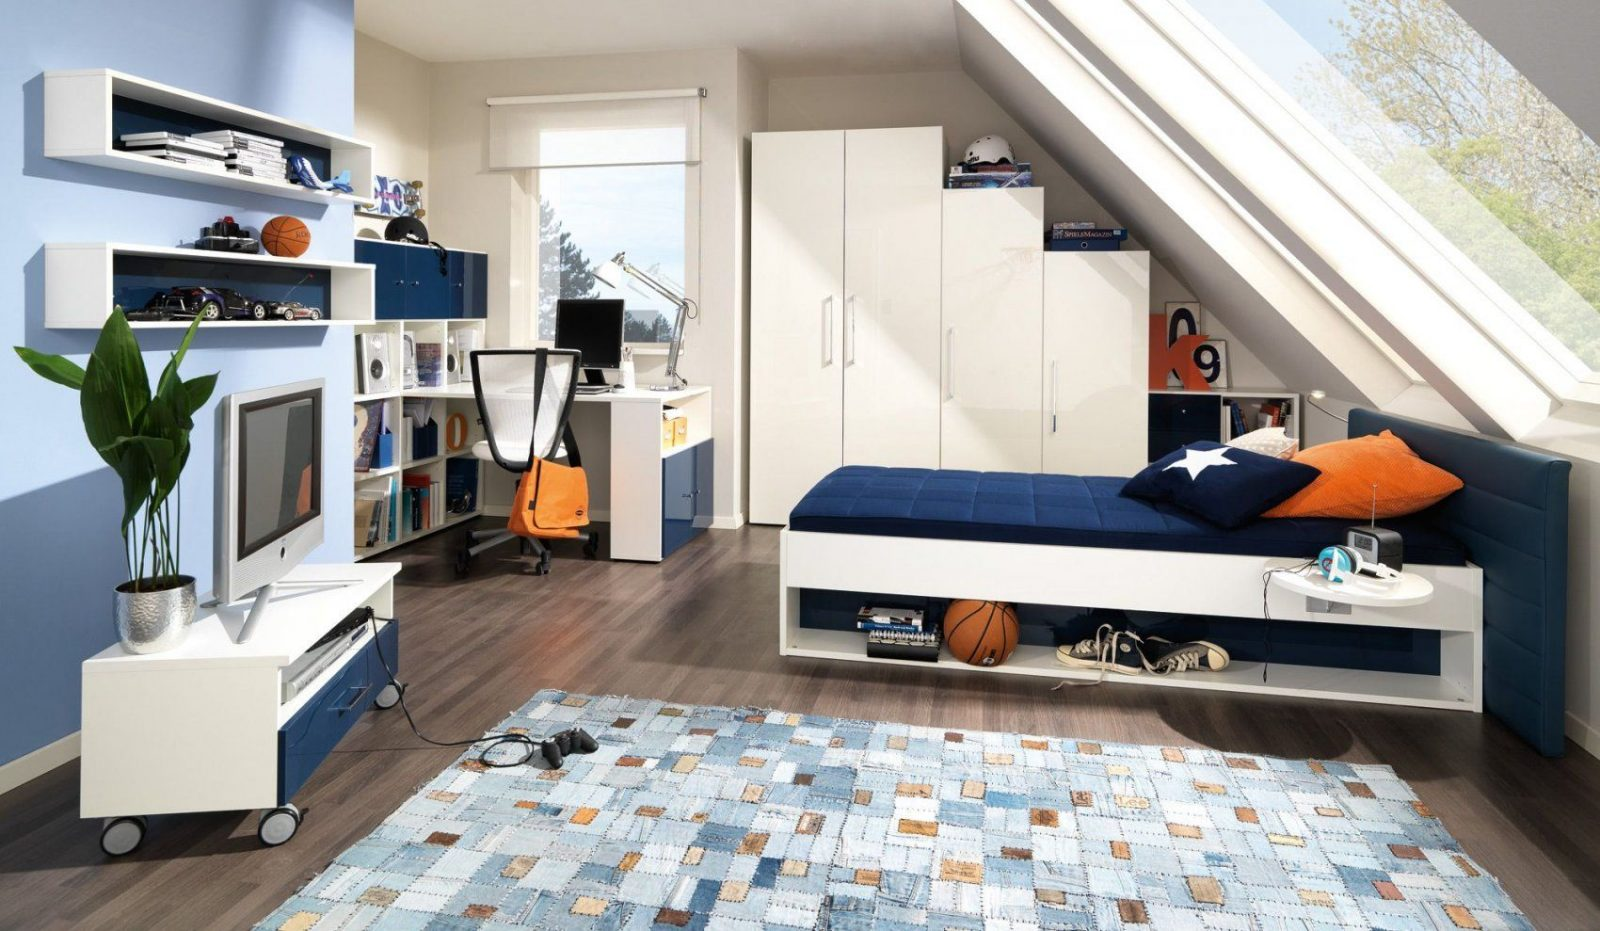 Jugendzimmer In Blau Und Creme Gestalten  Jugendzimmer  Pinterest von Kinderzimmer Mit Dachschräge Einrichten Bild